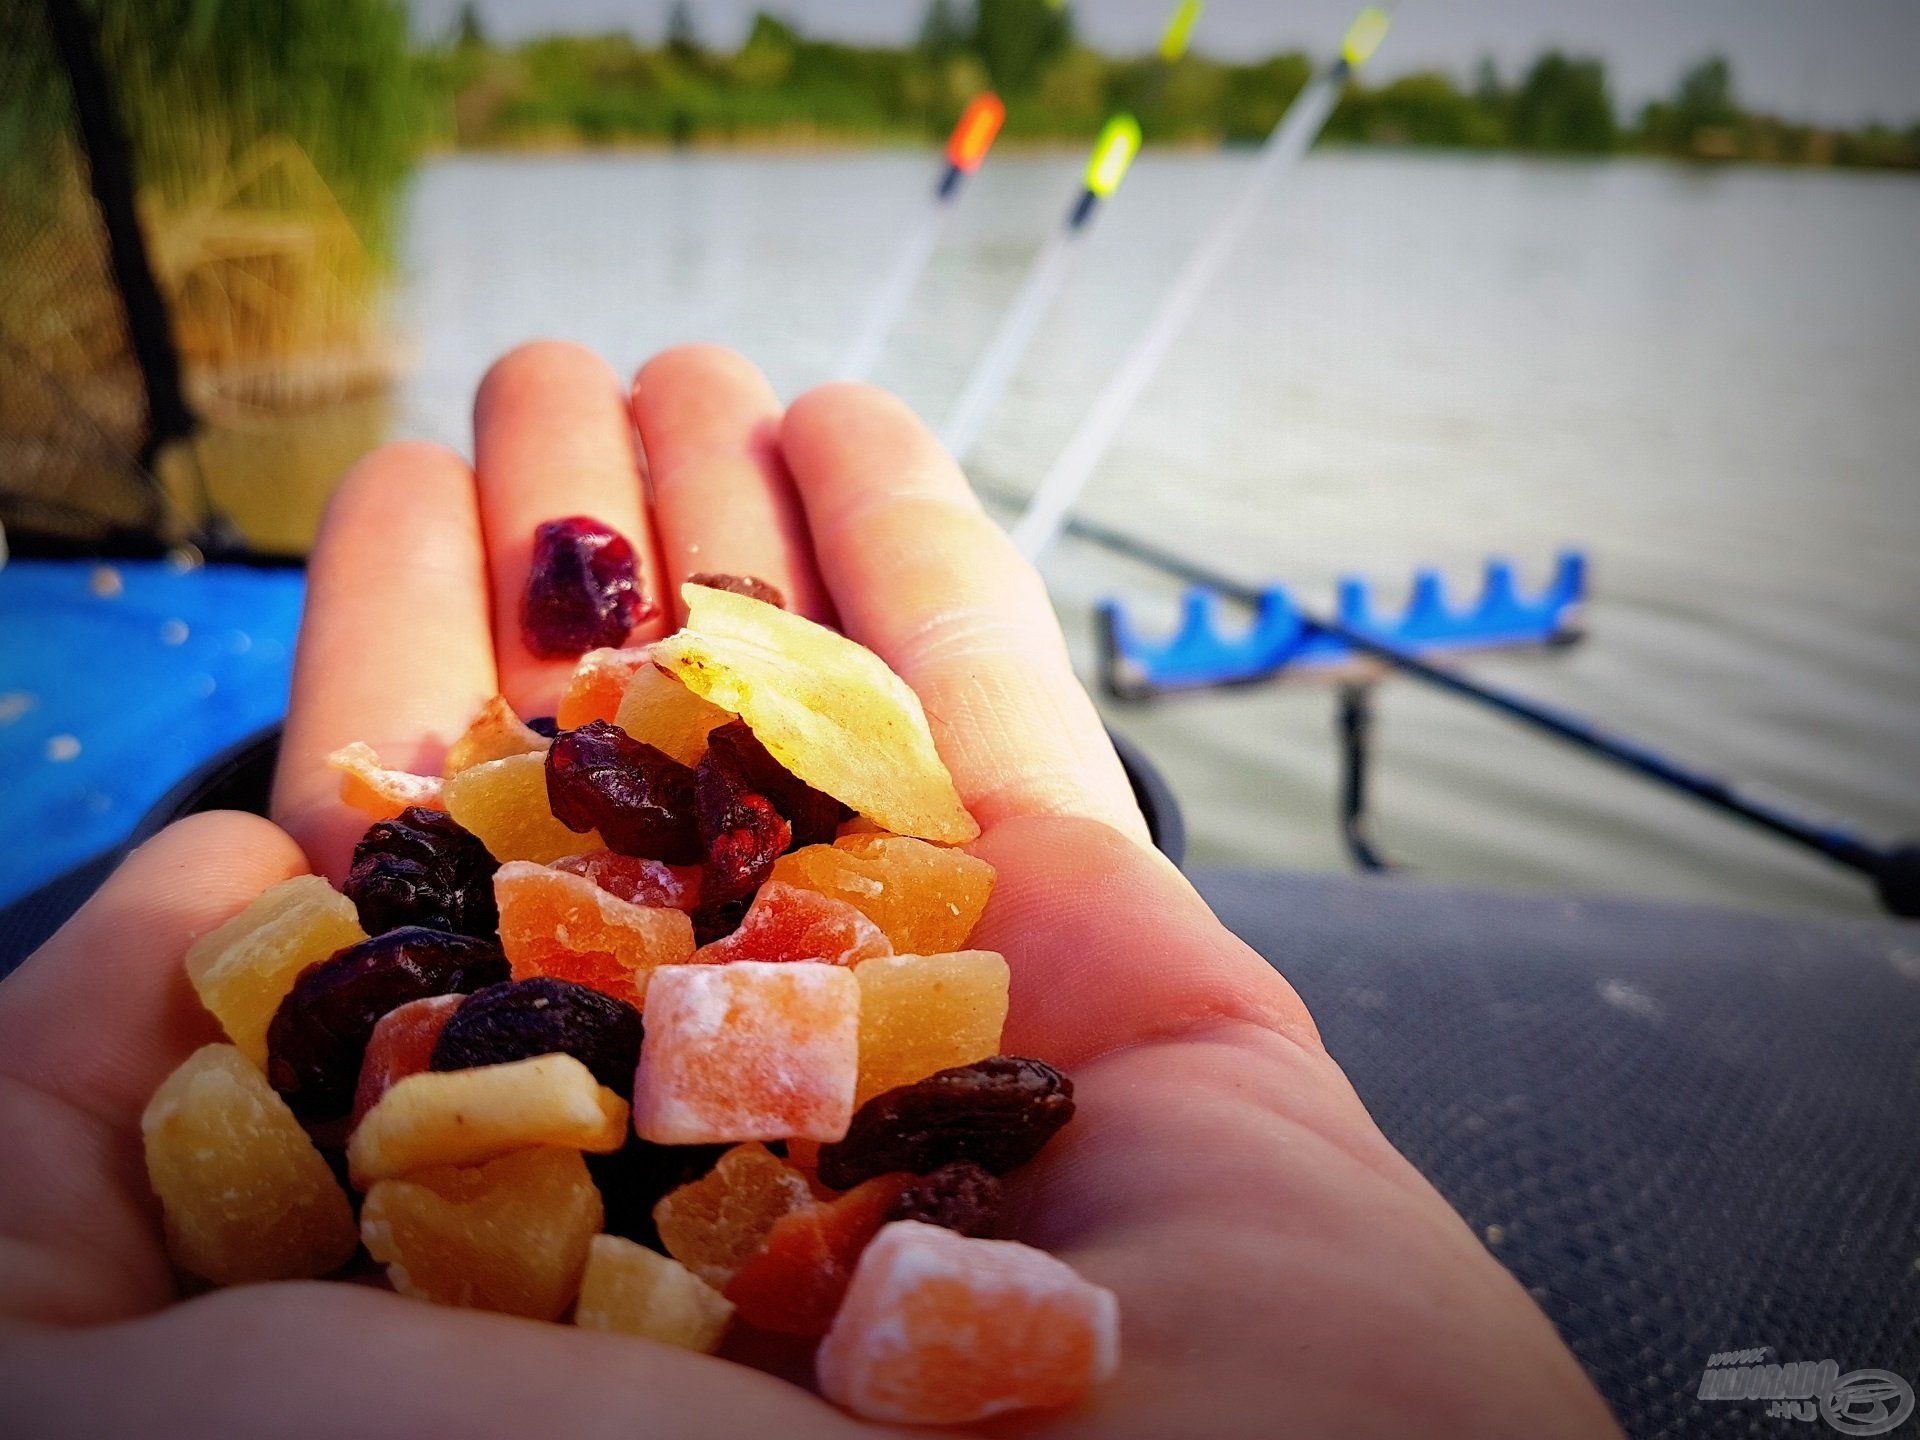 Szokatlan csalétek az aszalt és a kandírozott gyümölcs, régóta foglalkoztatott, vajon miképpen reagálnának rá a halak, így tettem egy próbát